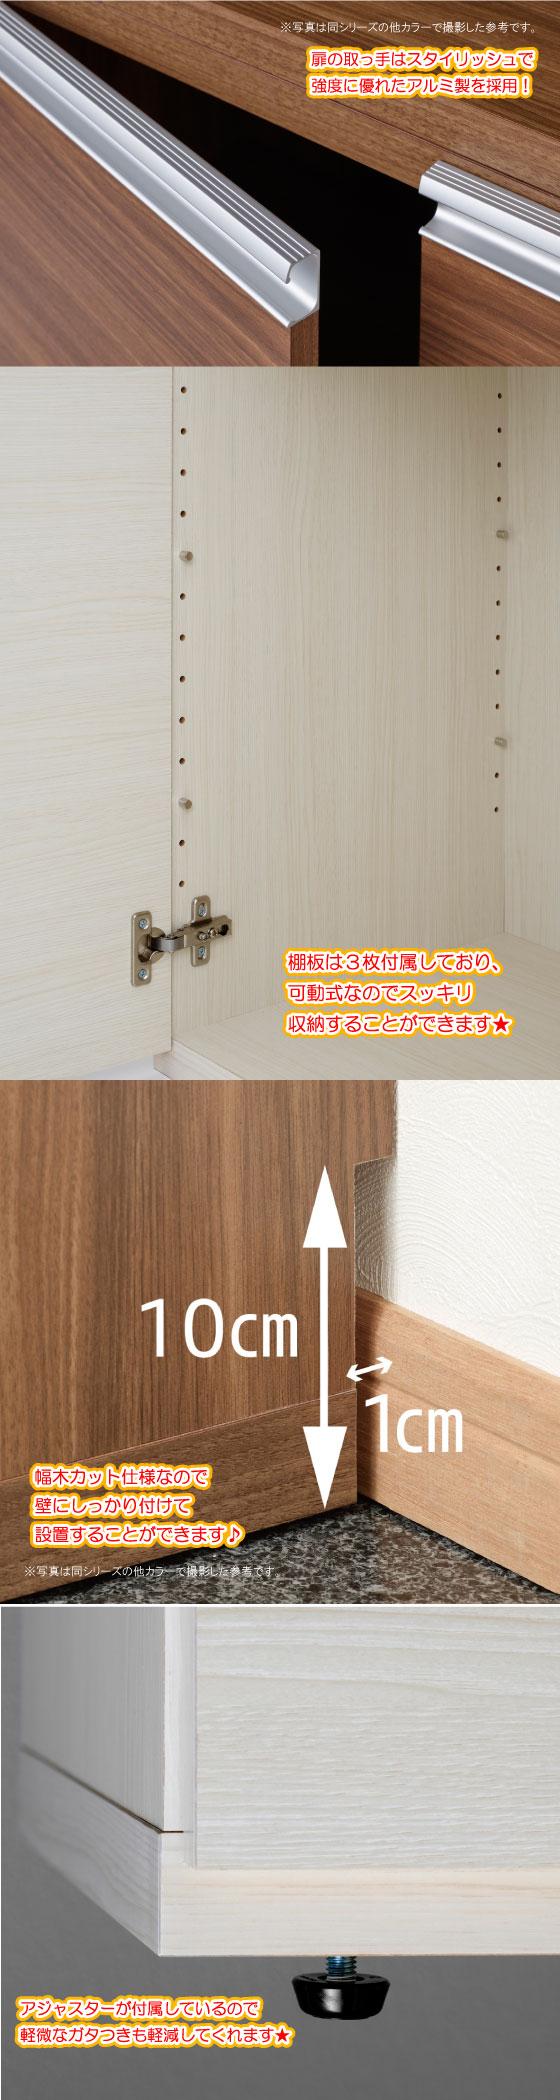 幅61cm×高さ96cm・ホワイトウッド柄キャビネット(完成品)